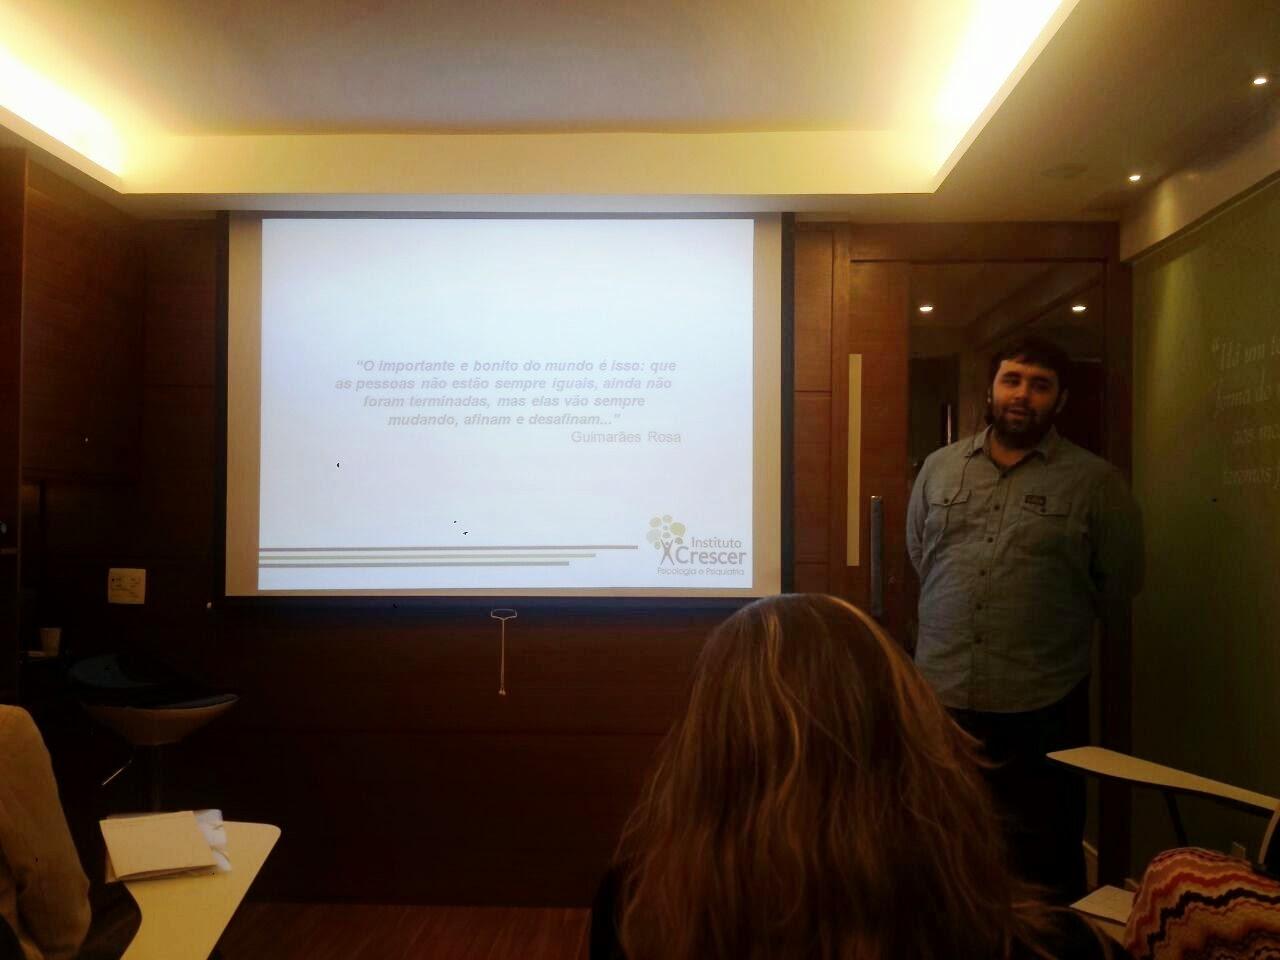 Esequias Caetano ministra curso sobre Disfunções Sexuais na Atitude Cursos de Brasília 9